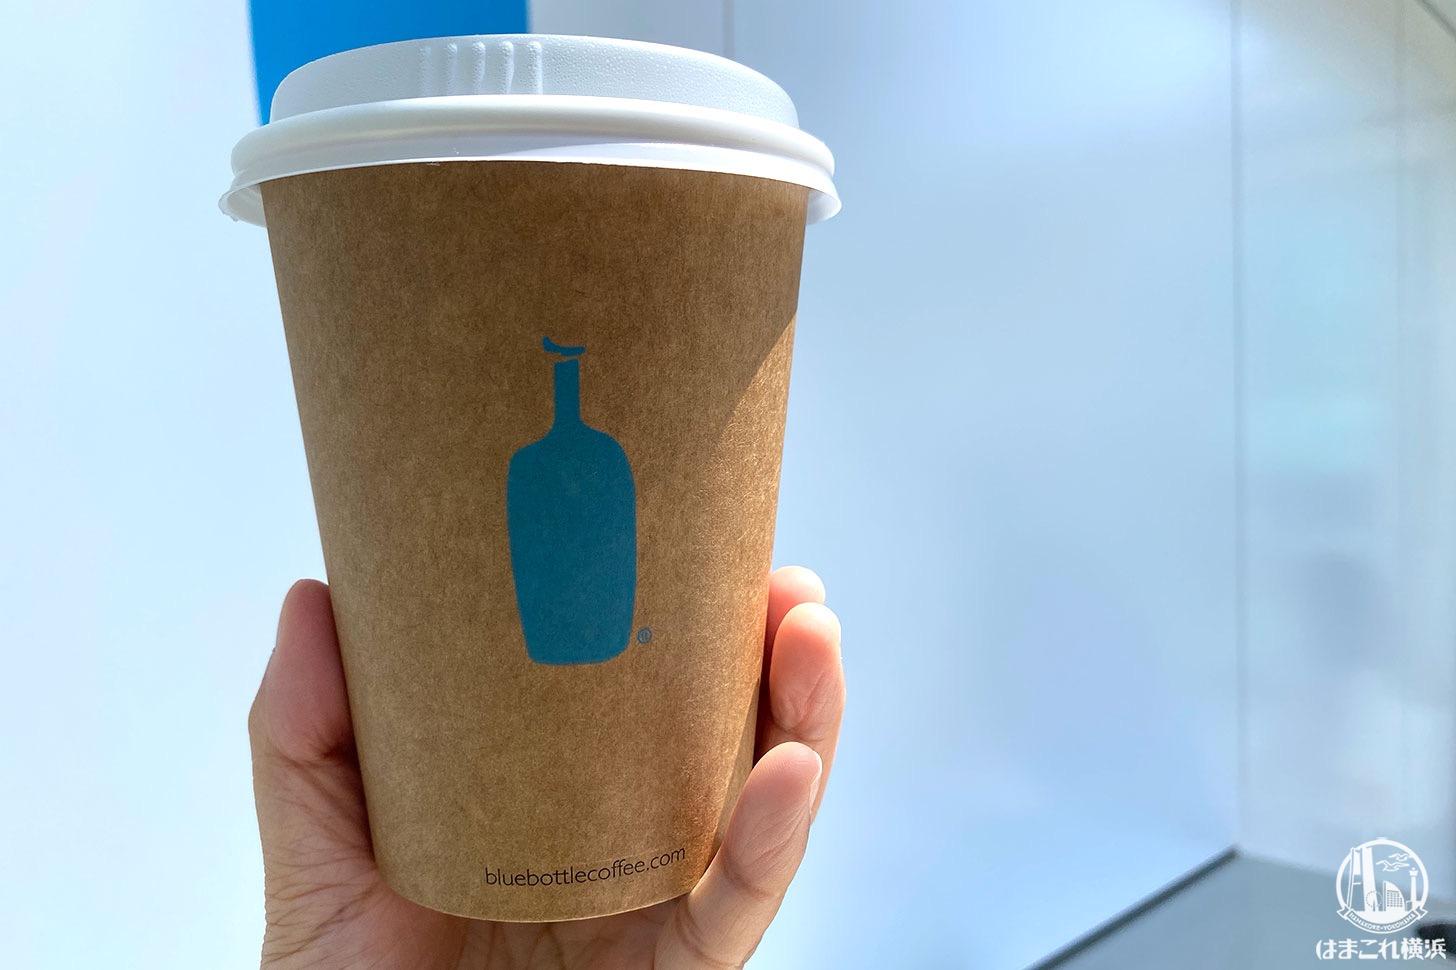 ブルーボトルコーヒー 購入した「ブレンド」